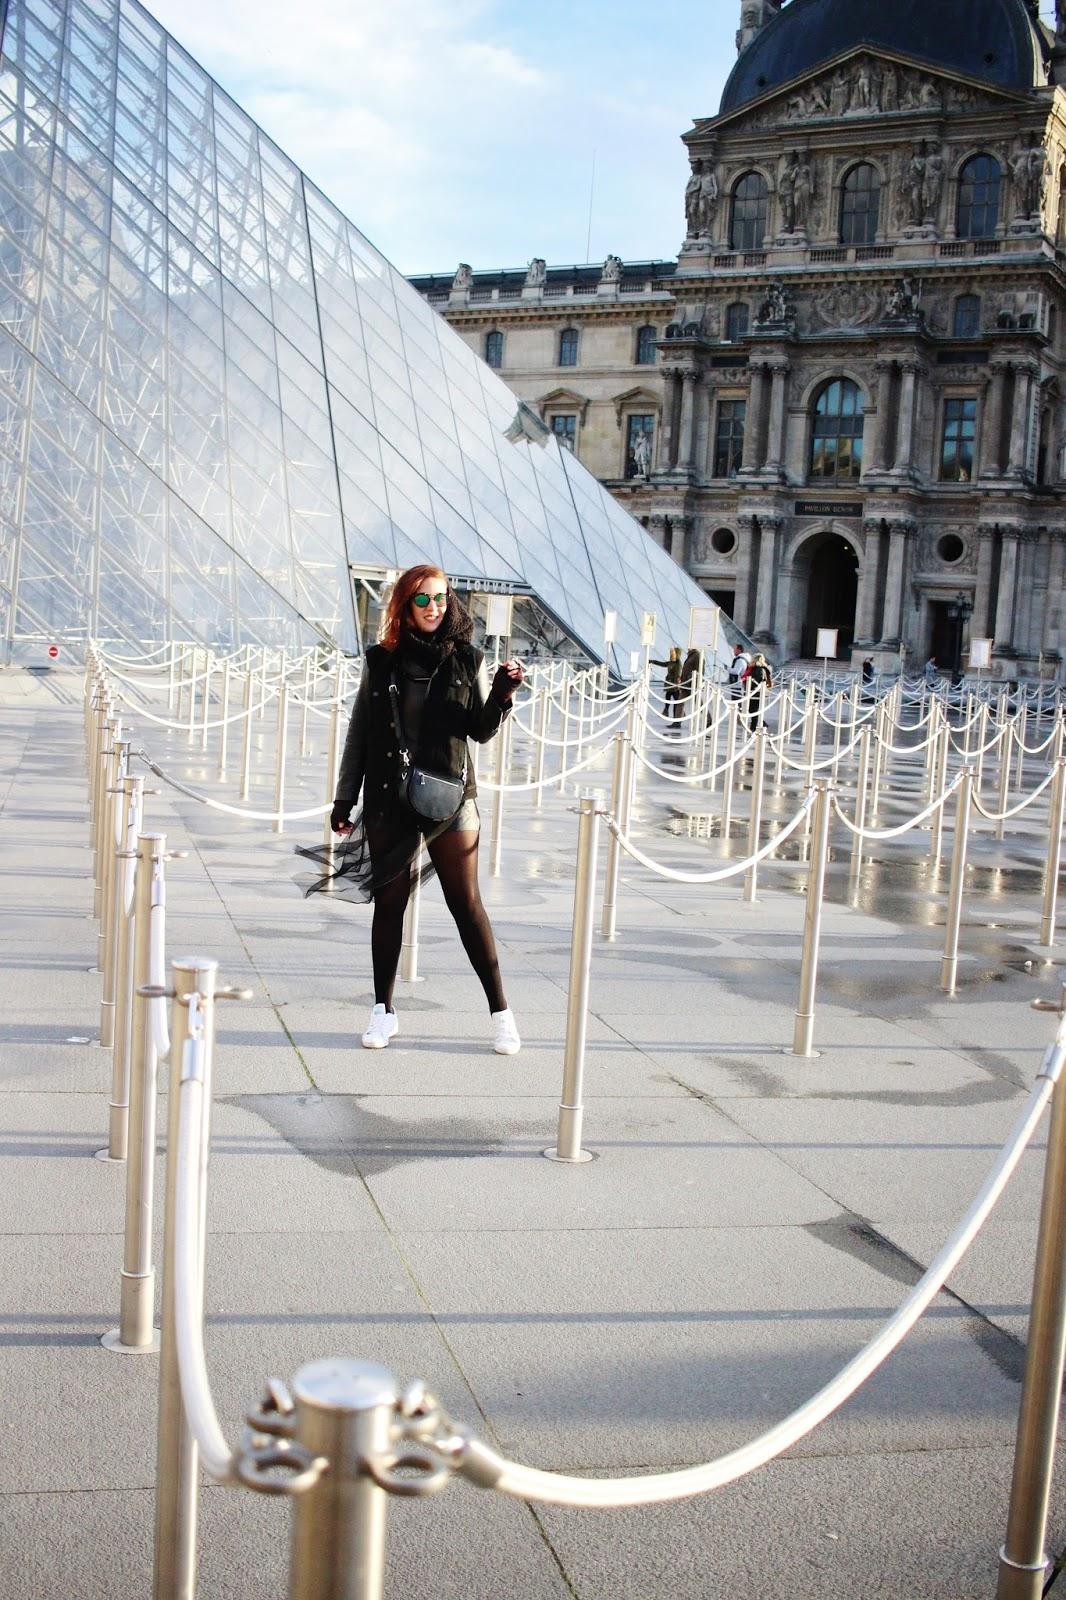 turismo en paris en invierno